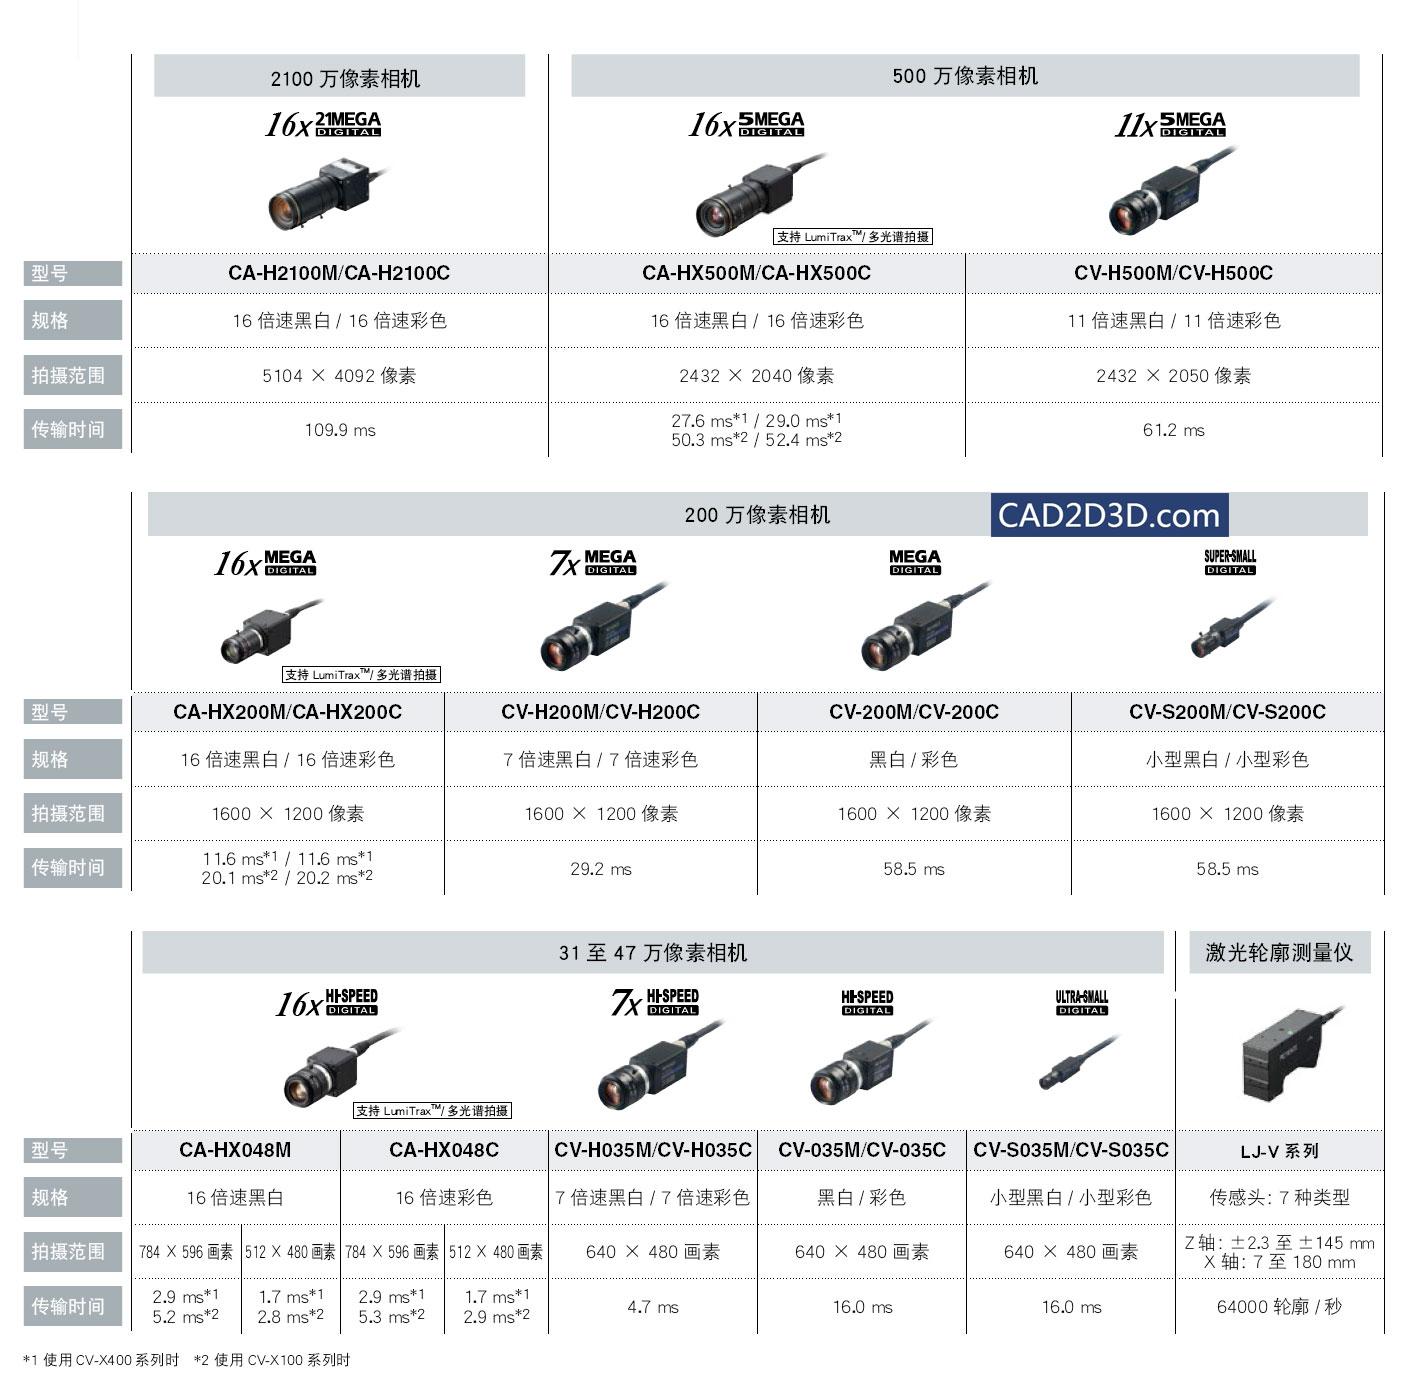 基恩士视觉系统构成( 相机+控制器+光源)